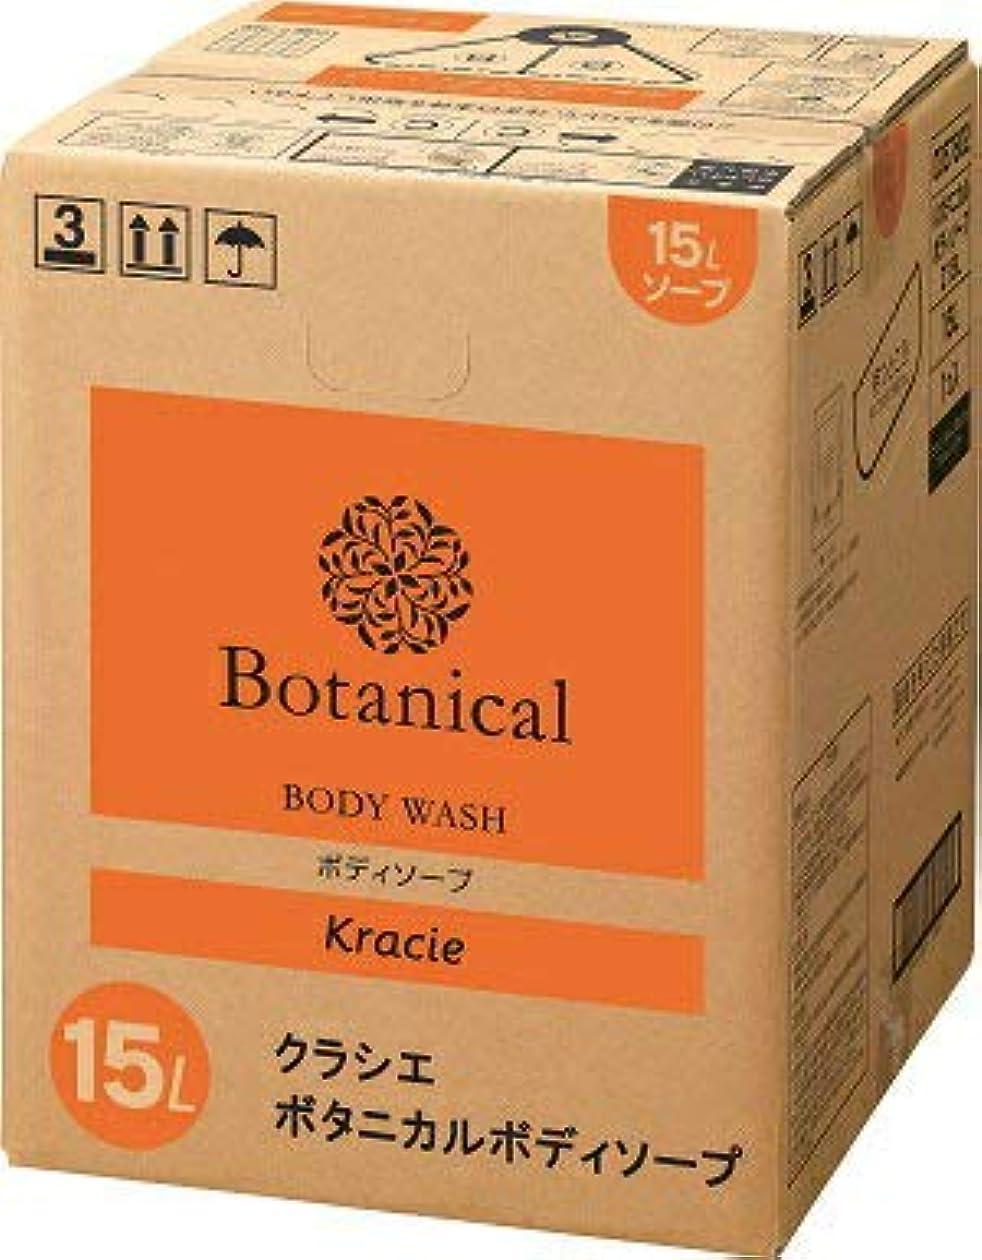 ページェントセンチメンタル隠すKracie クラシエ Botanical ボタニカル ボディソープ 15L 詰め替え 業務用